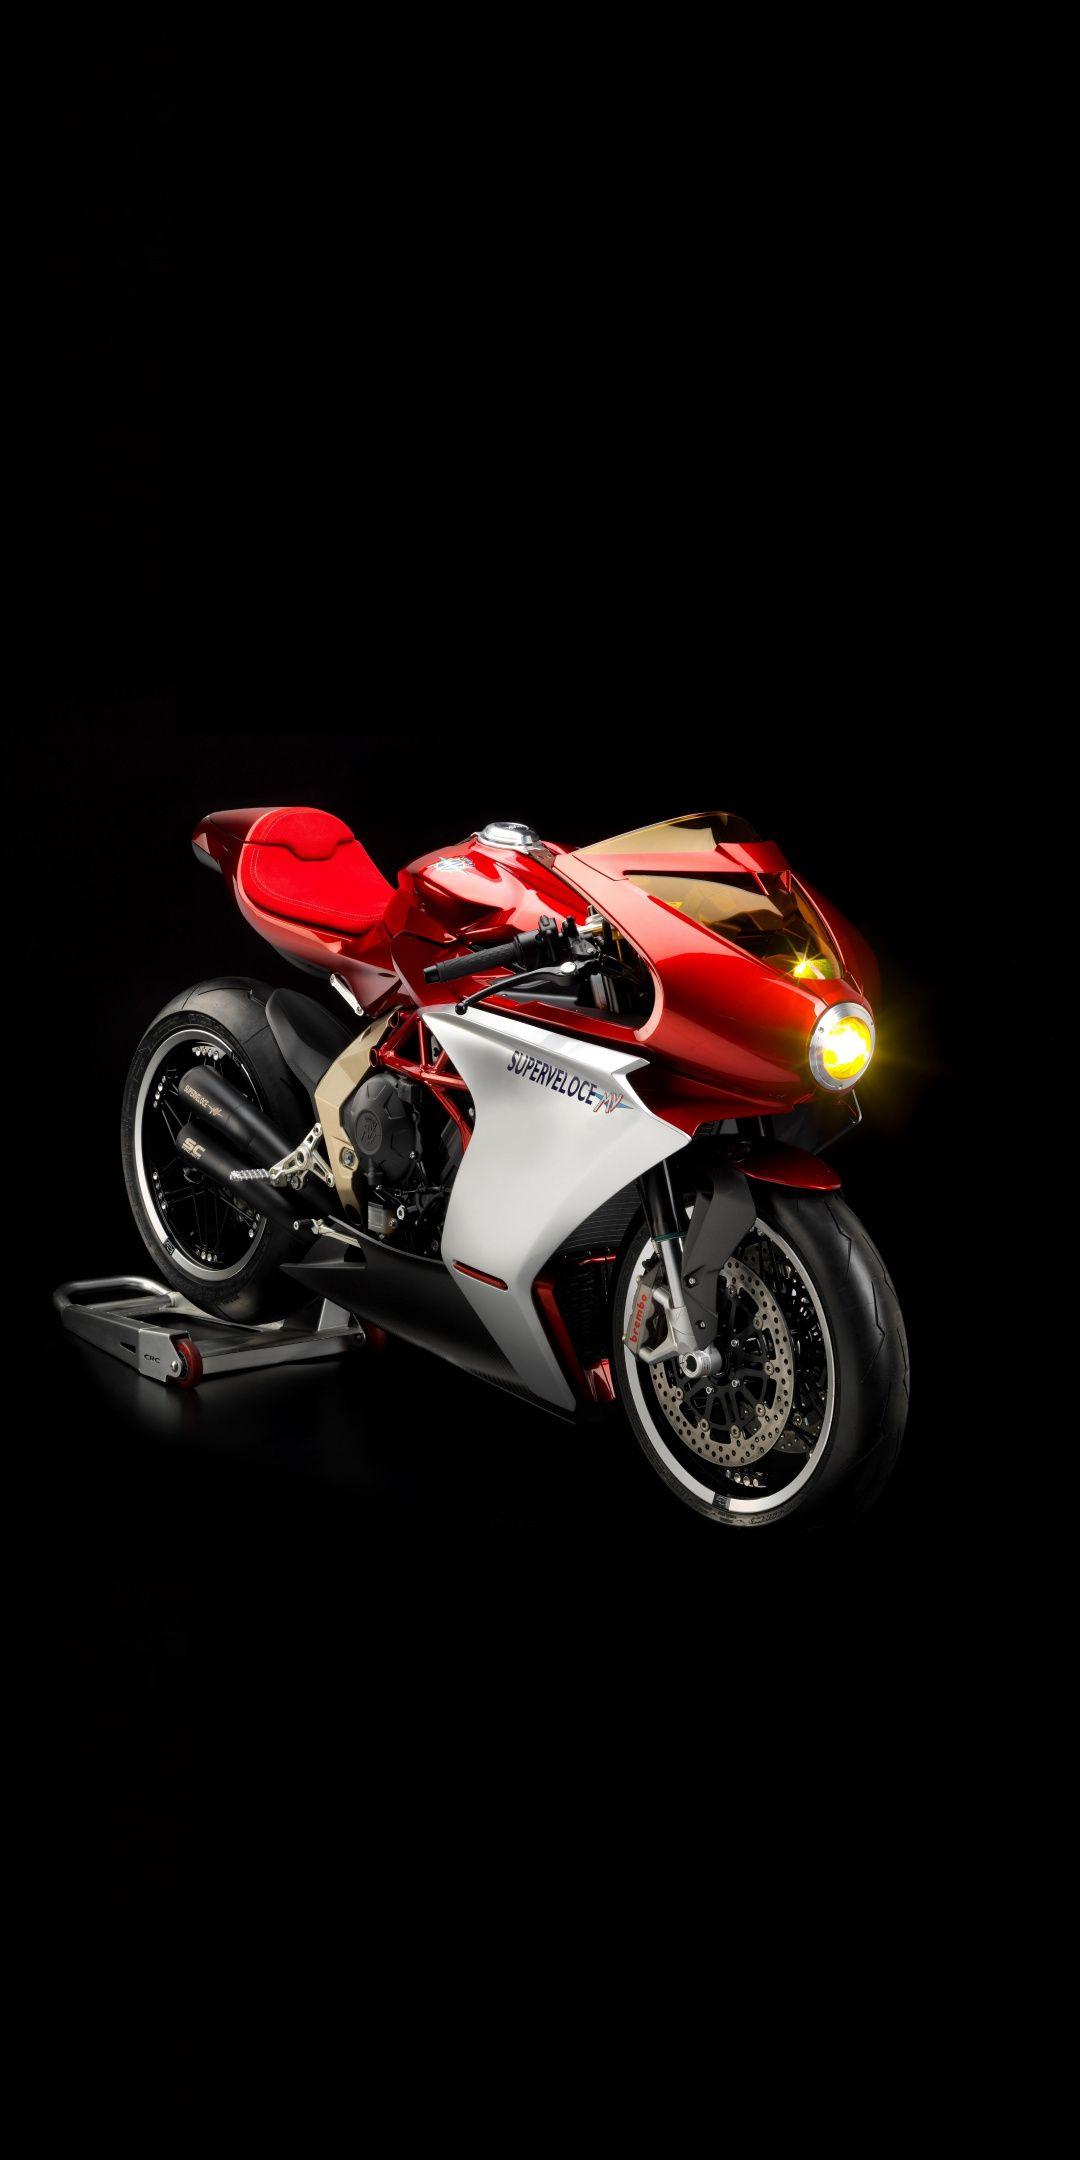 Sports Bike Mv Agusta Superveloce 800 1080x2160 Wallpaper